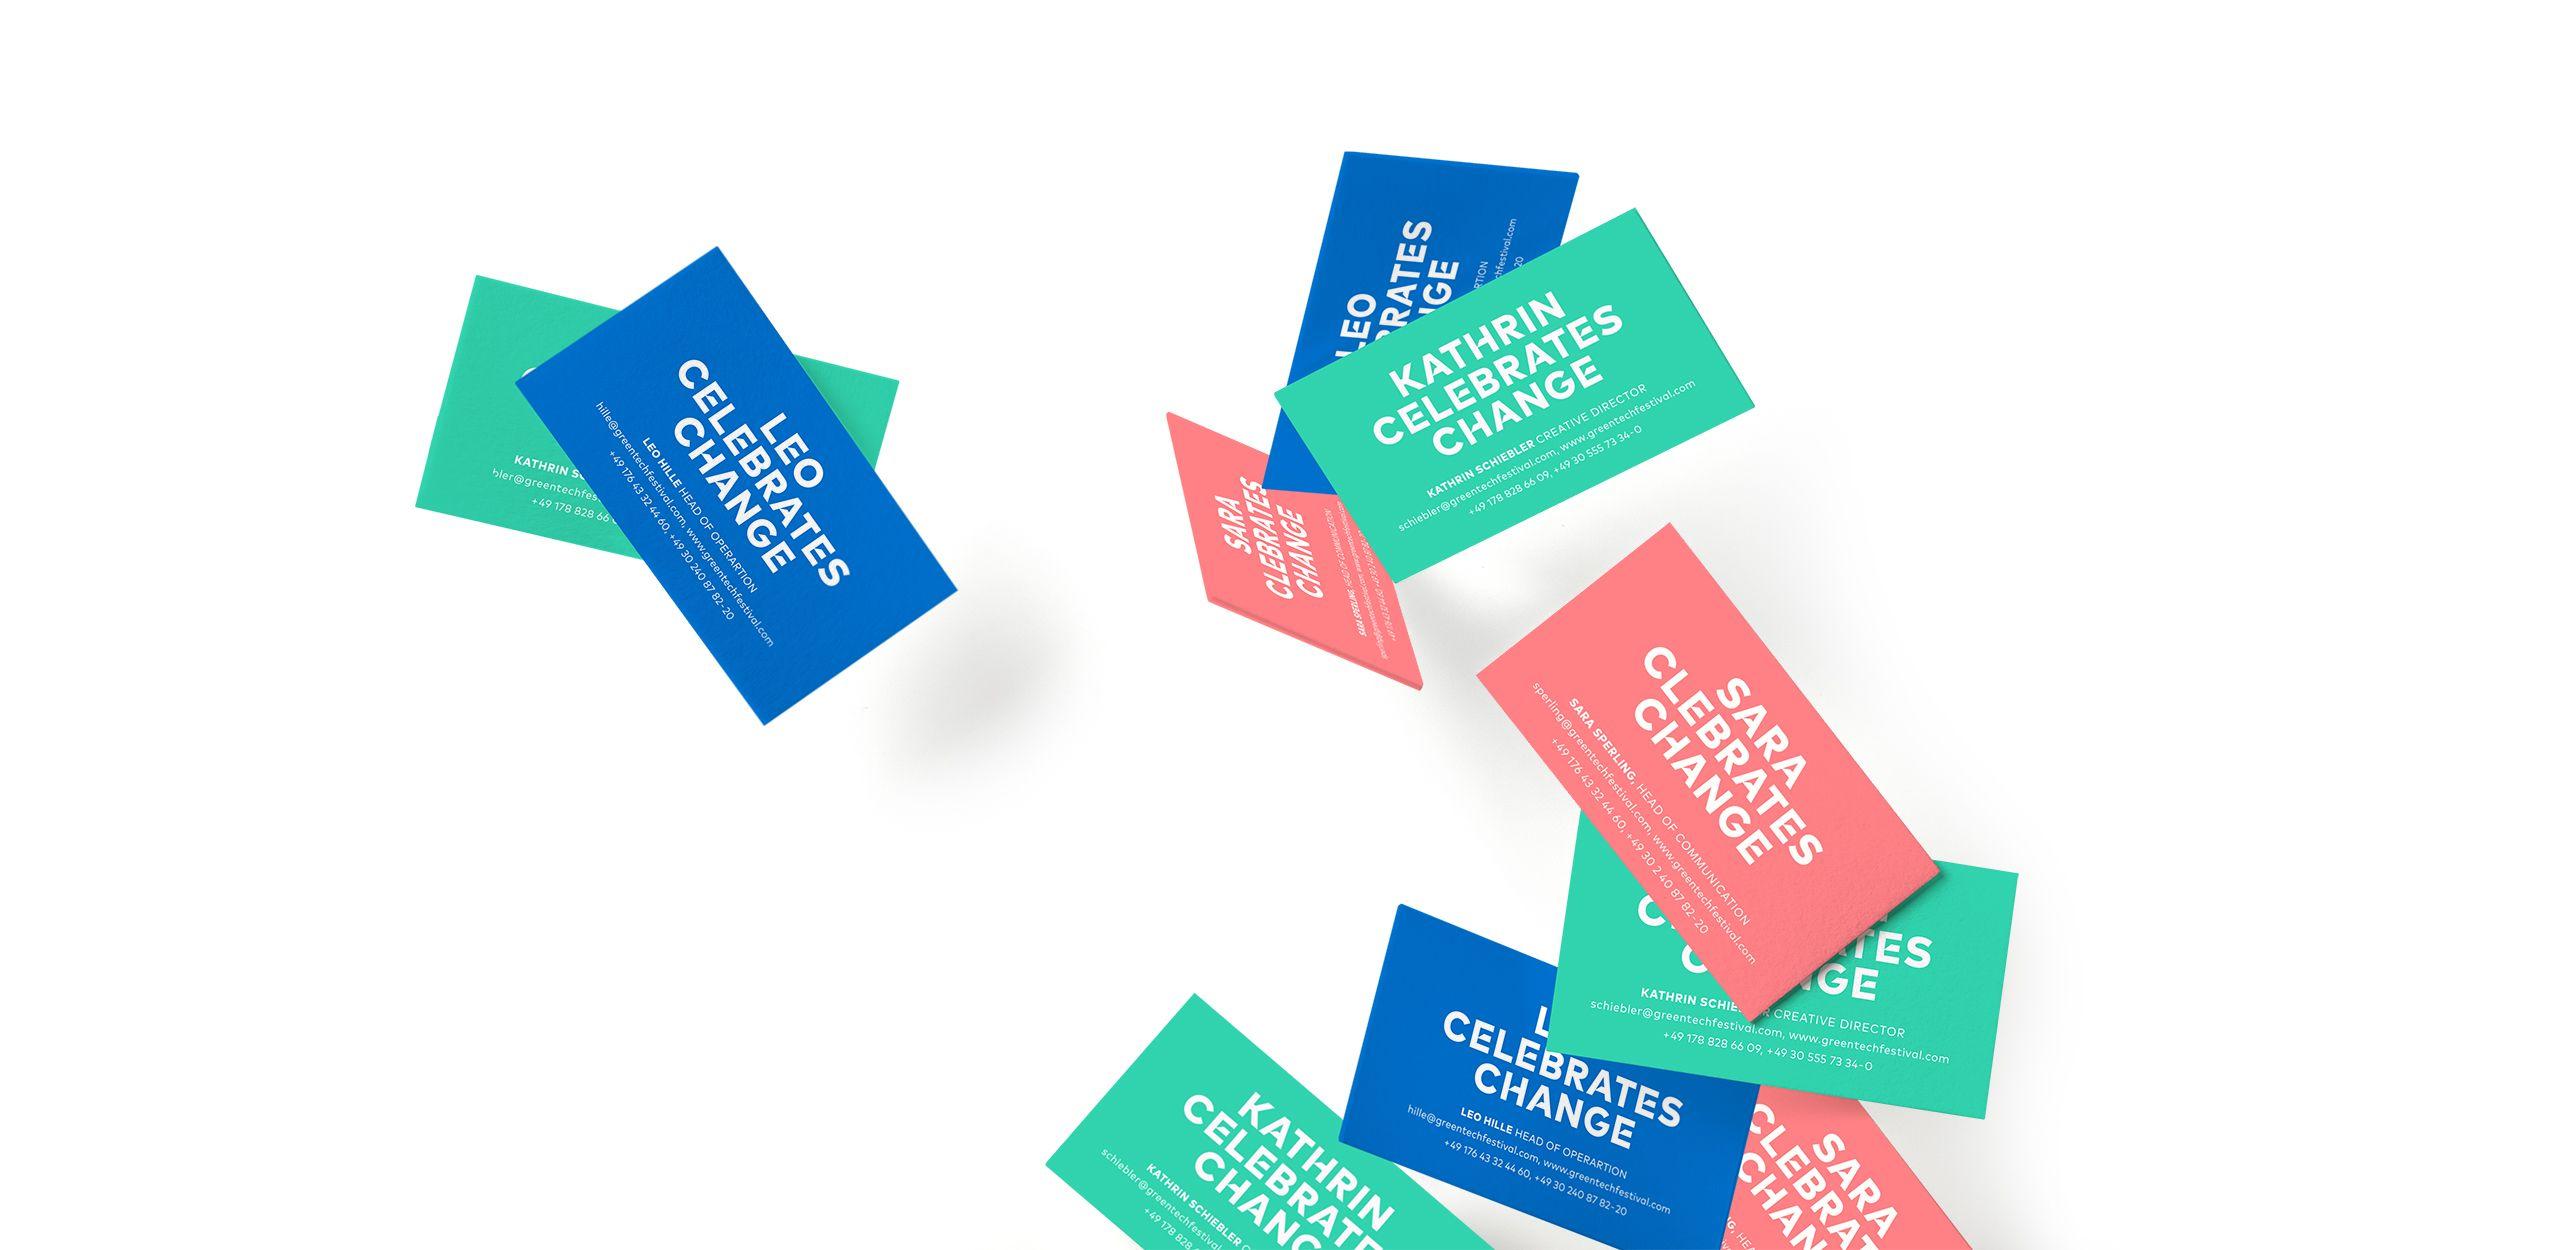 Greentech Festival print designs